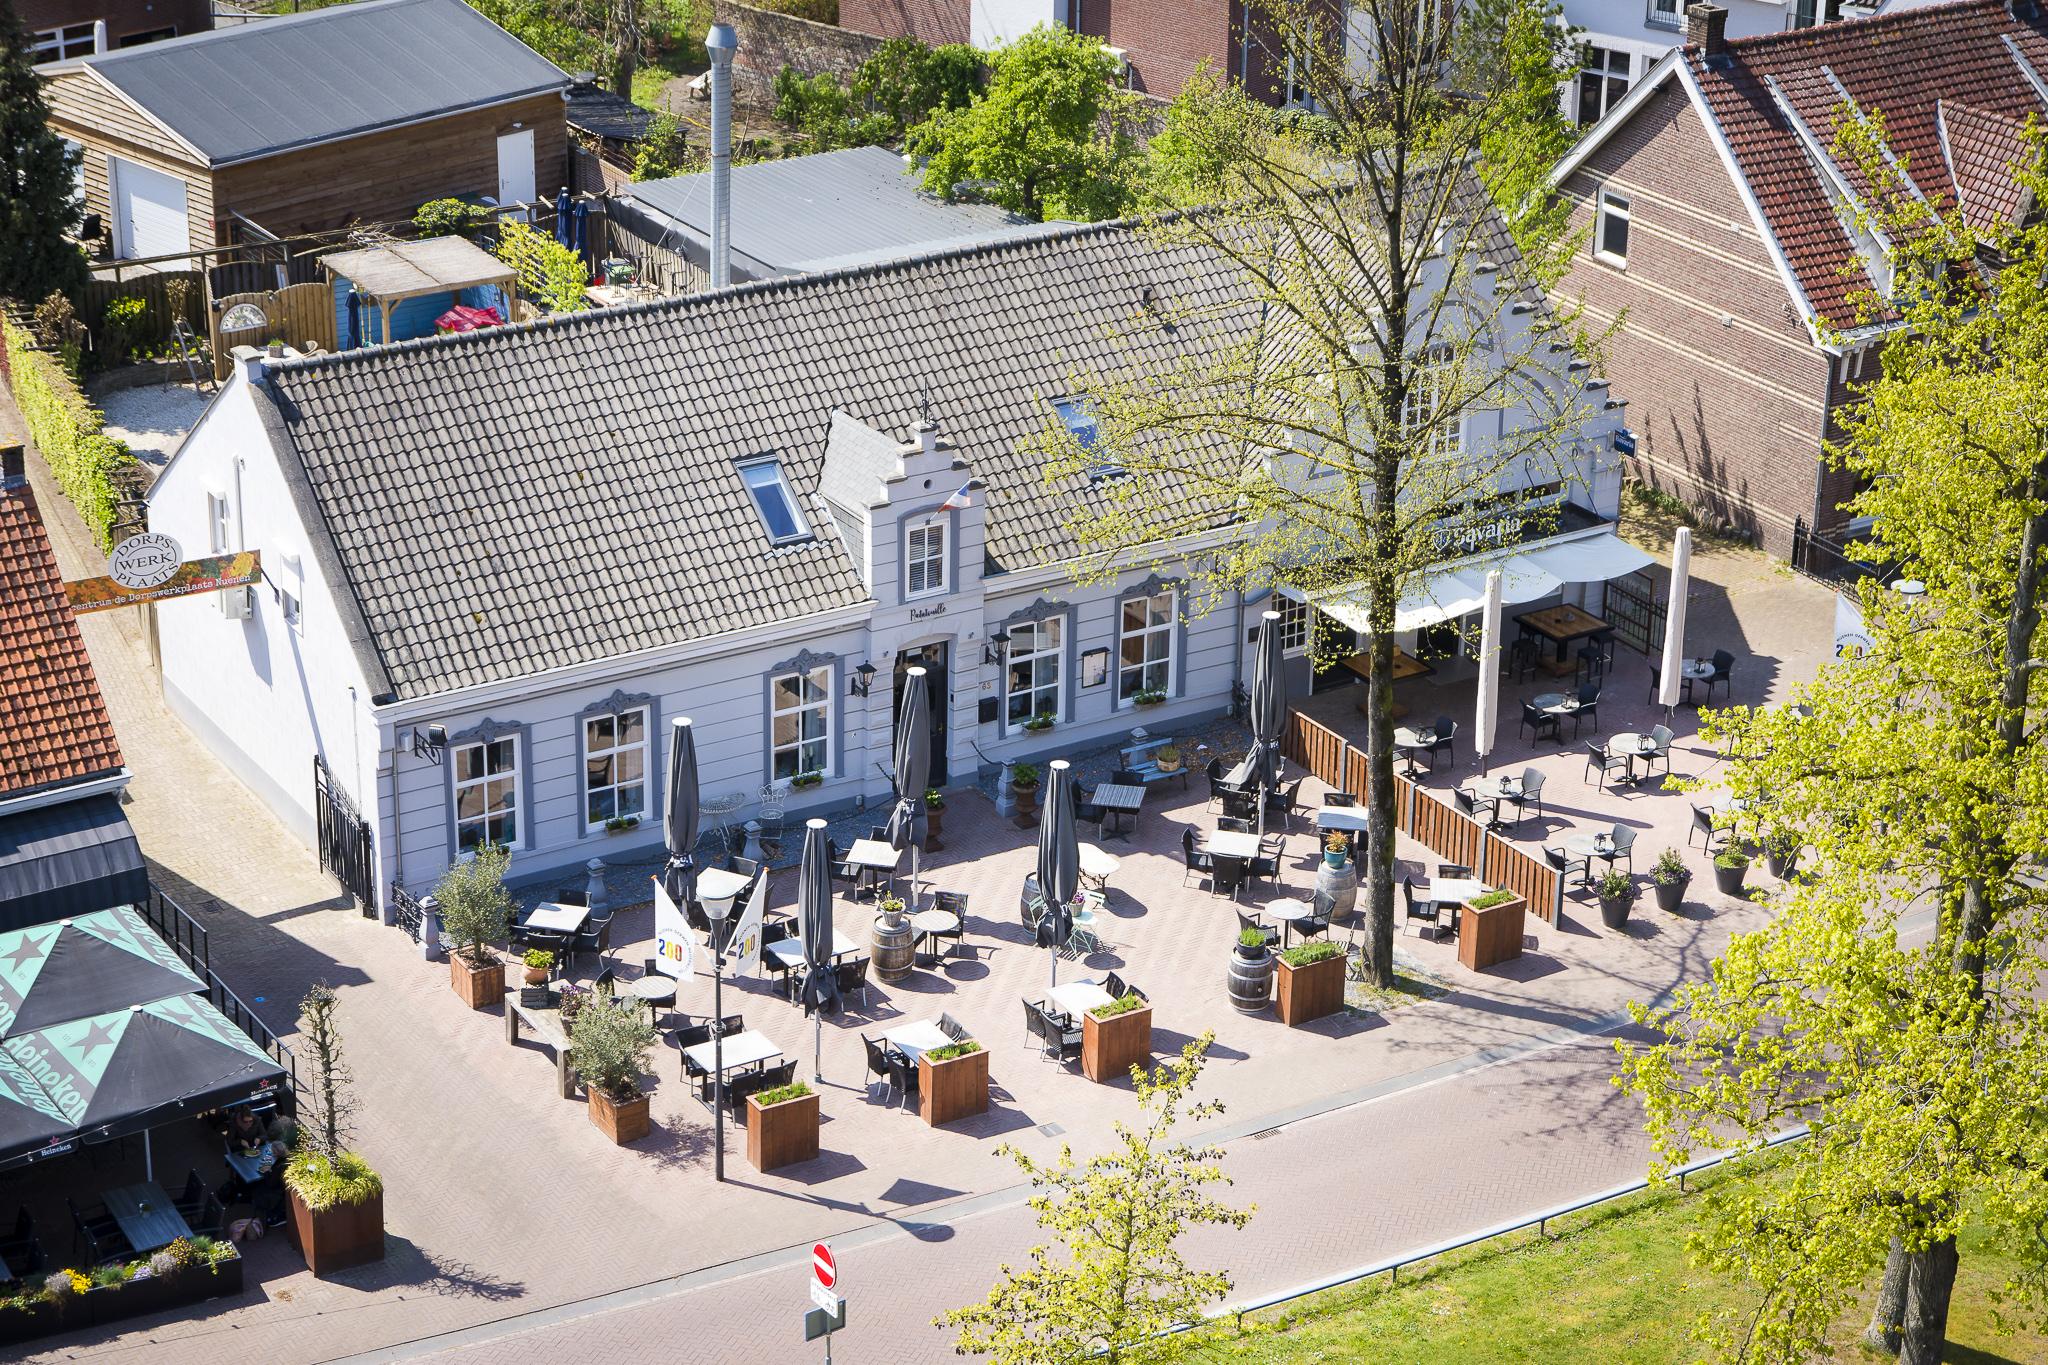 20210507 - Clemenskerk-20210507-1410-0043